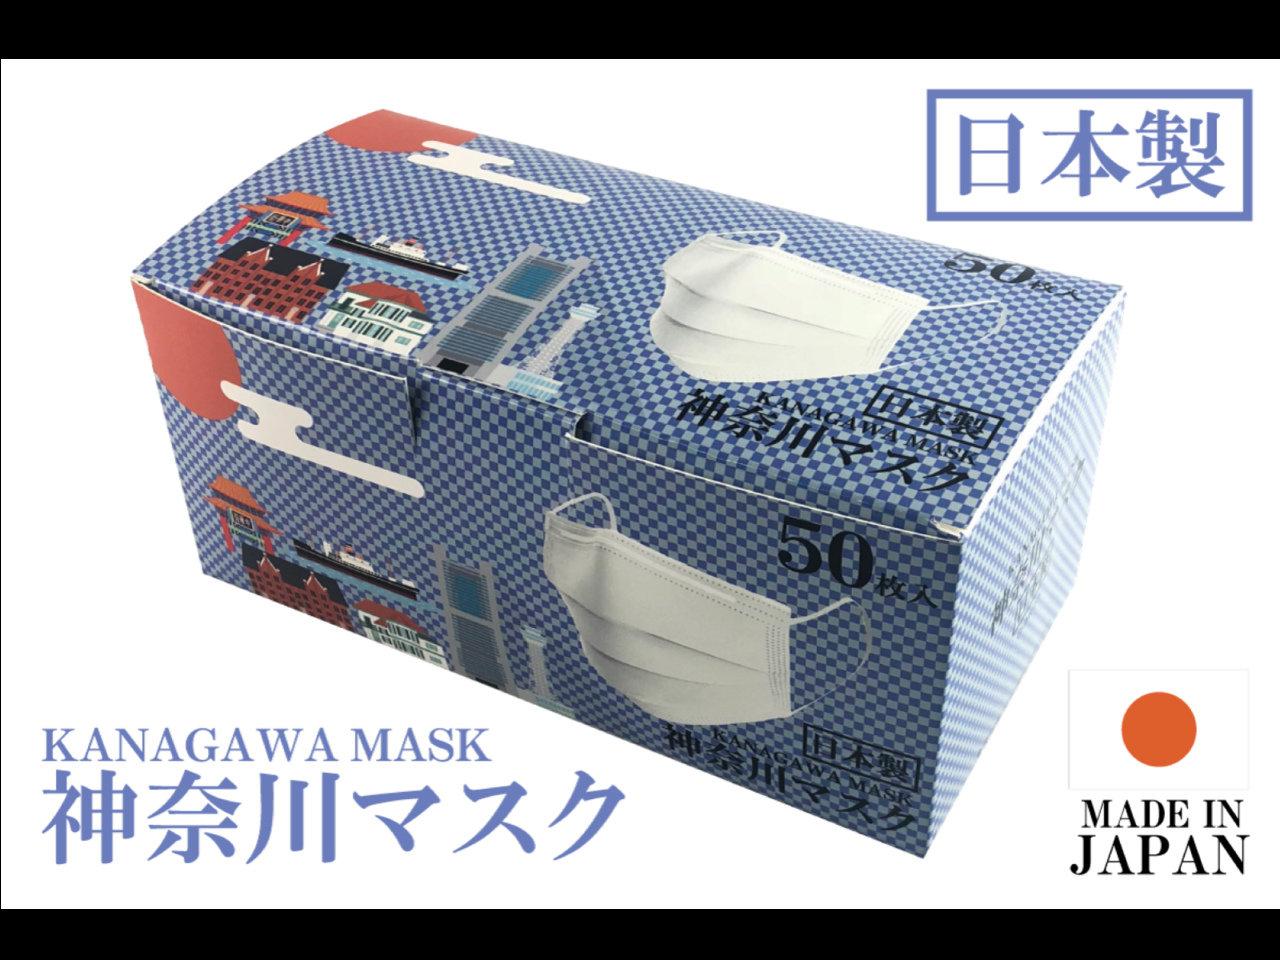 50枚入1980円。日本で製造・検品・包装の日本製都道府県マスクより神奈川が登場。